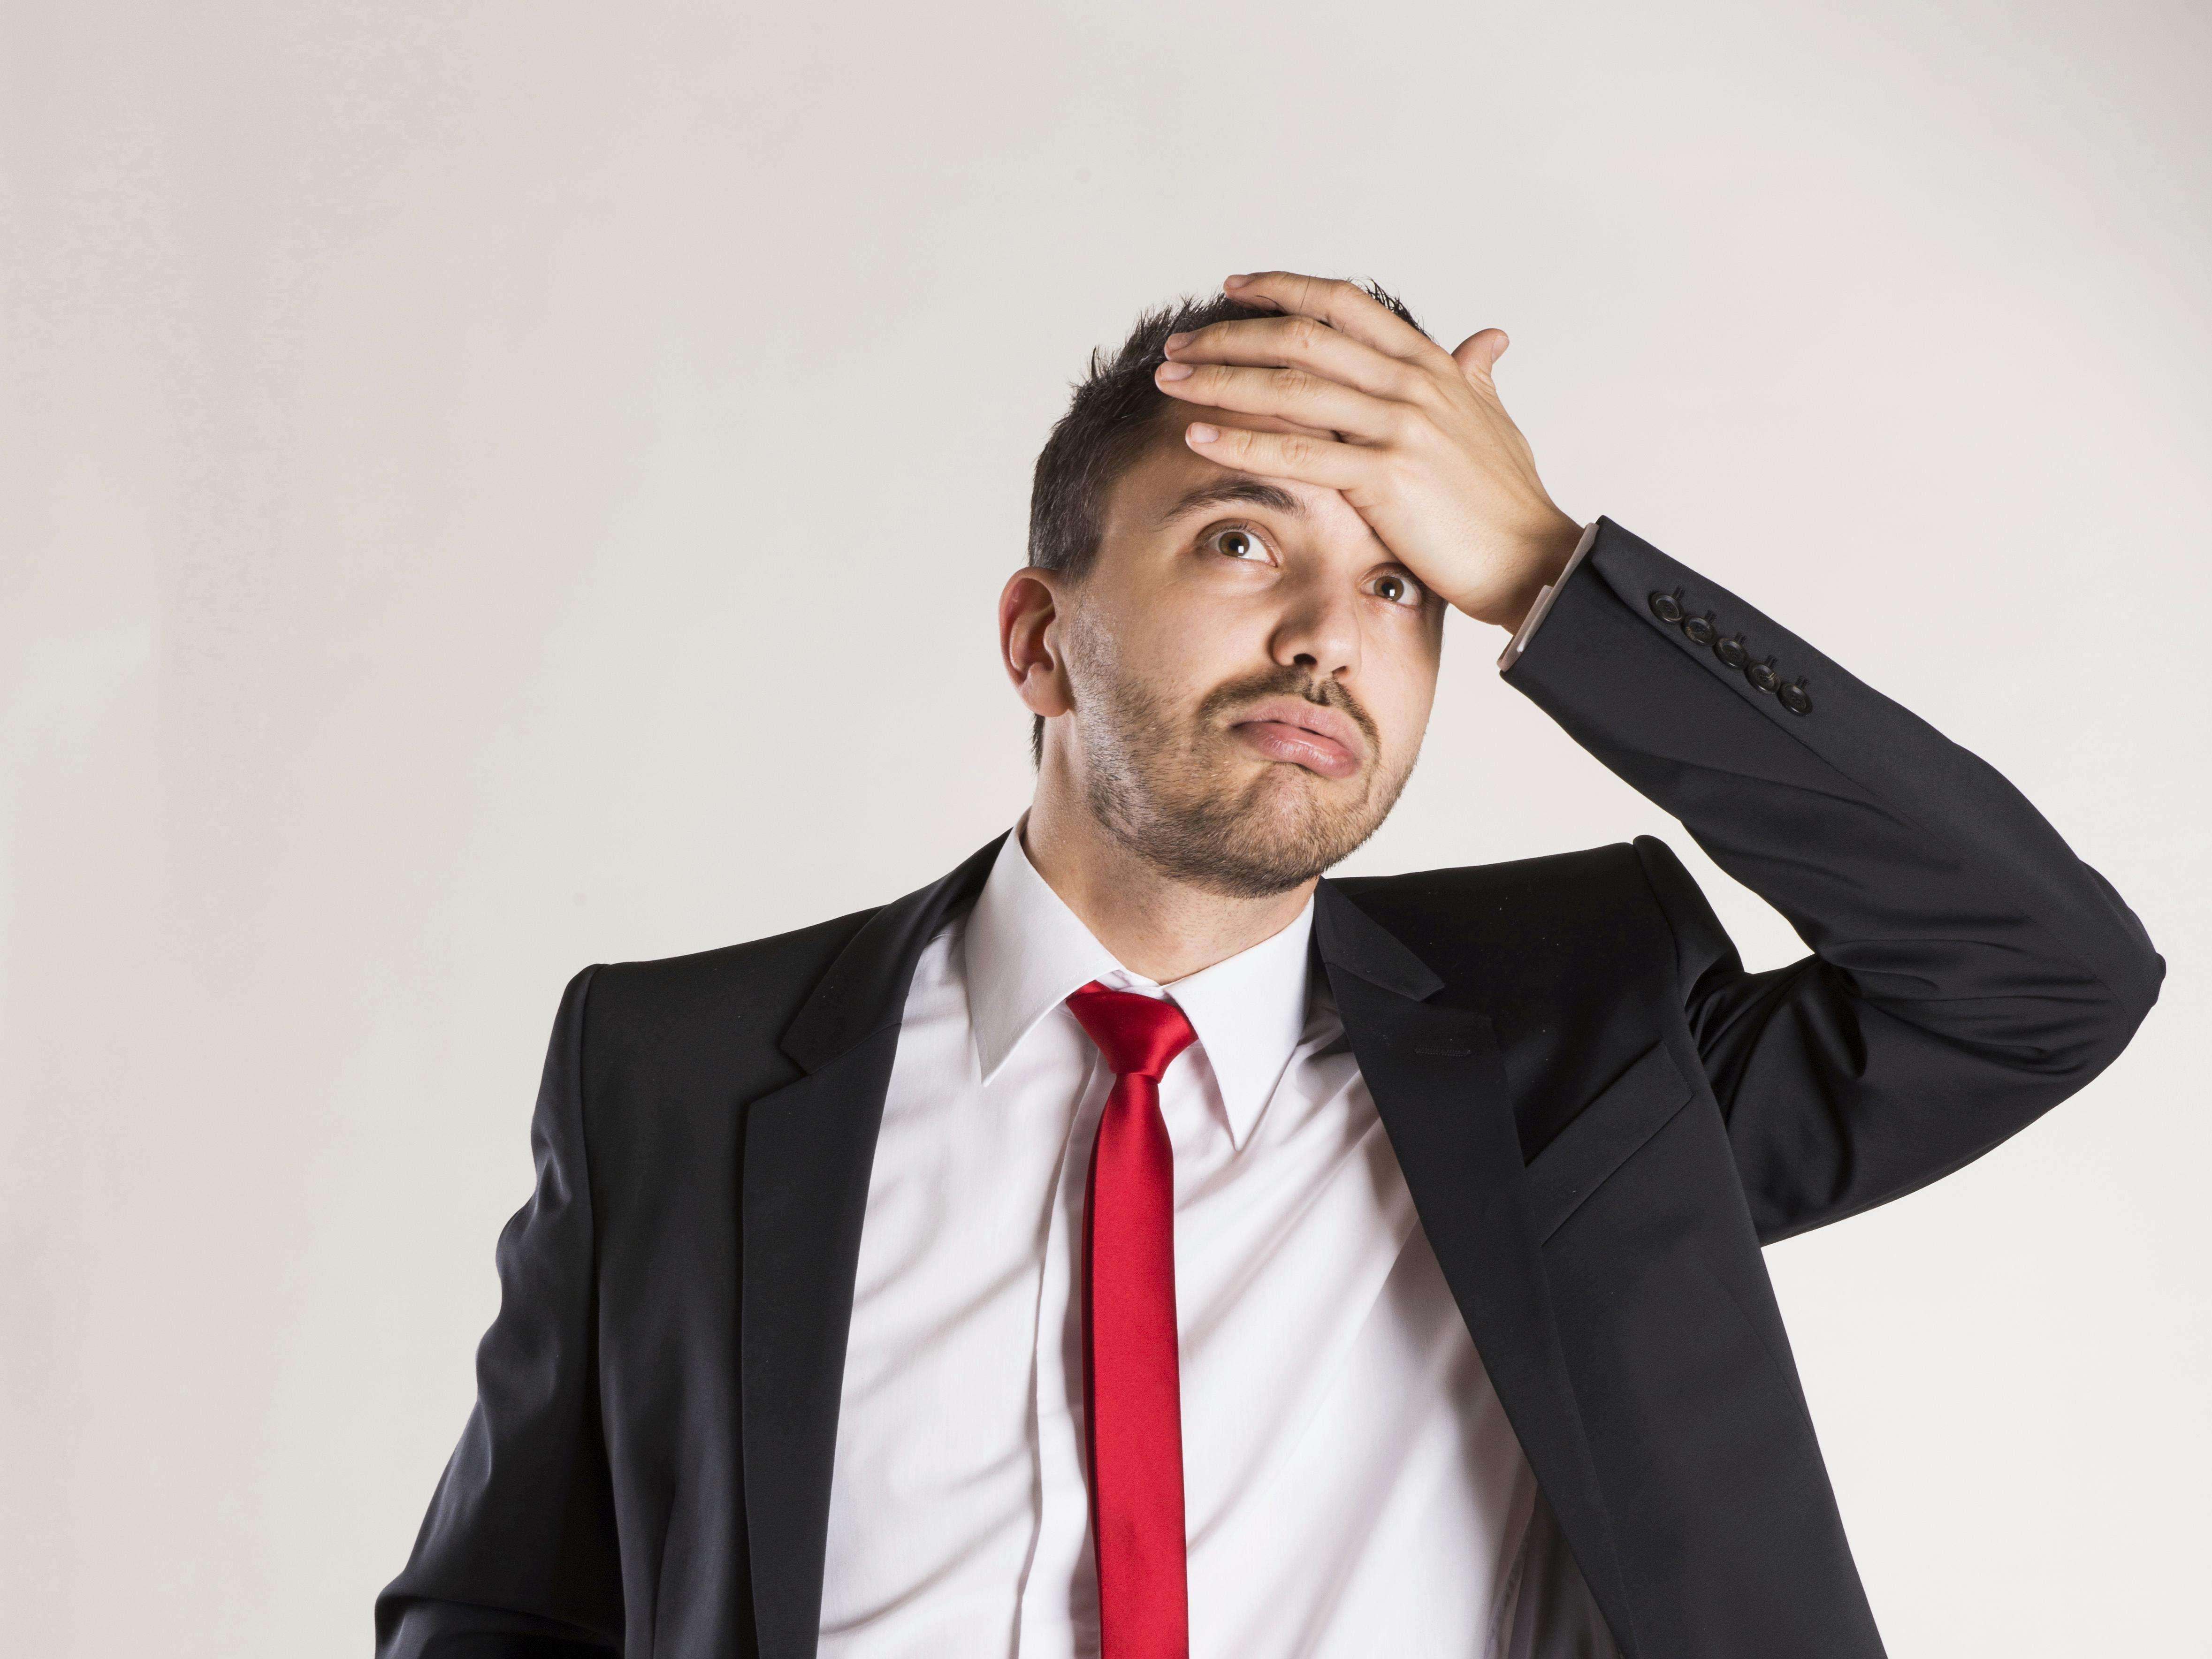 #中医#【前列腺健康讲堂】男性前列腺有什么样的功能?